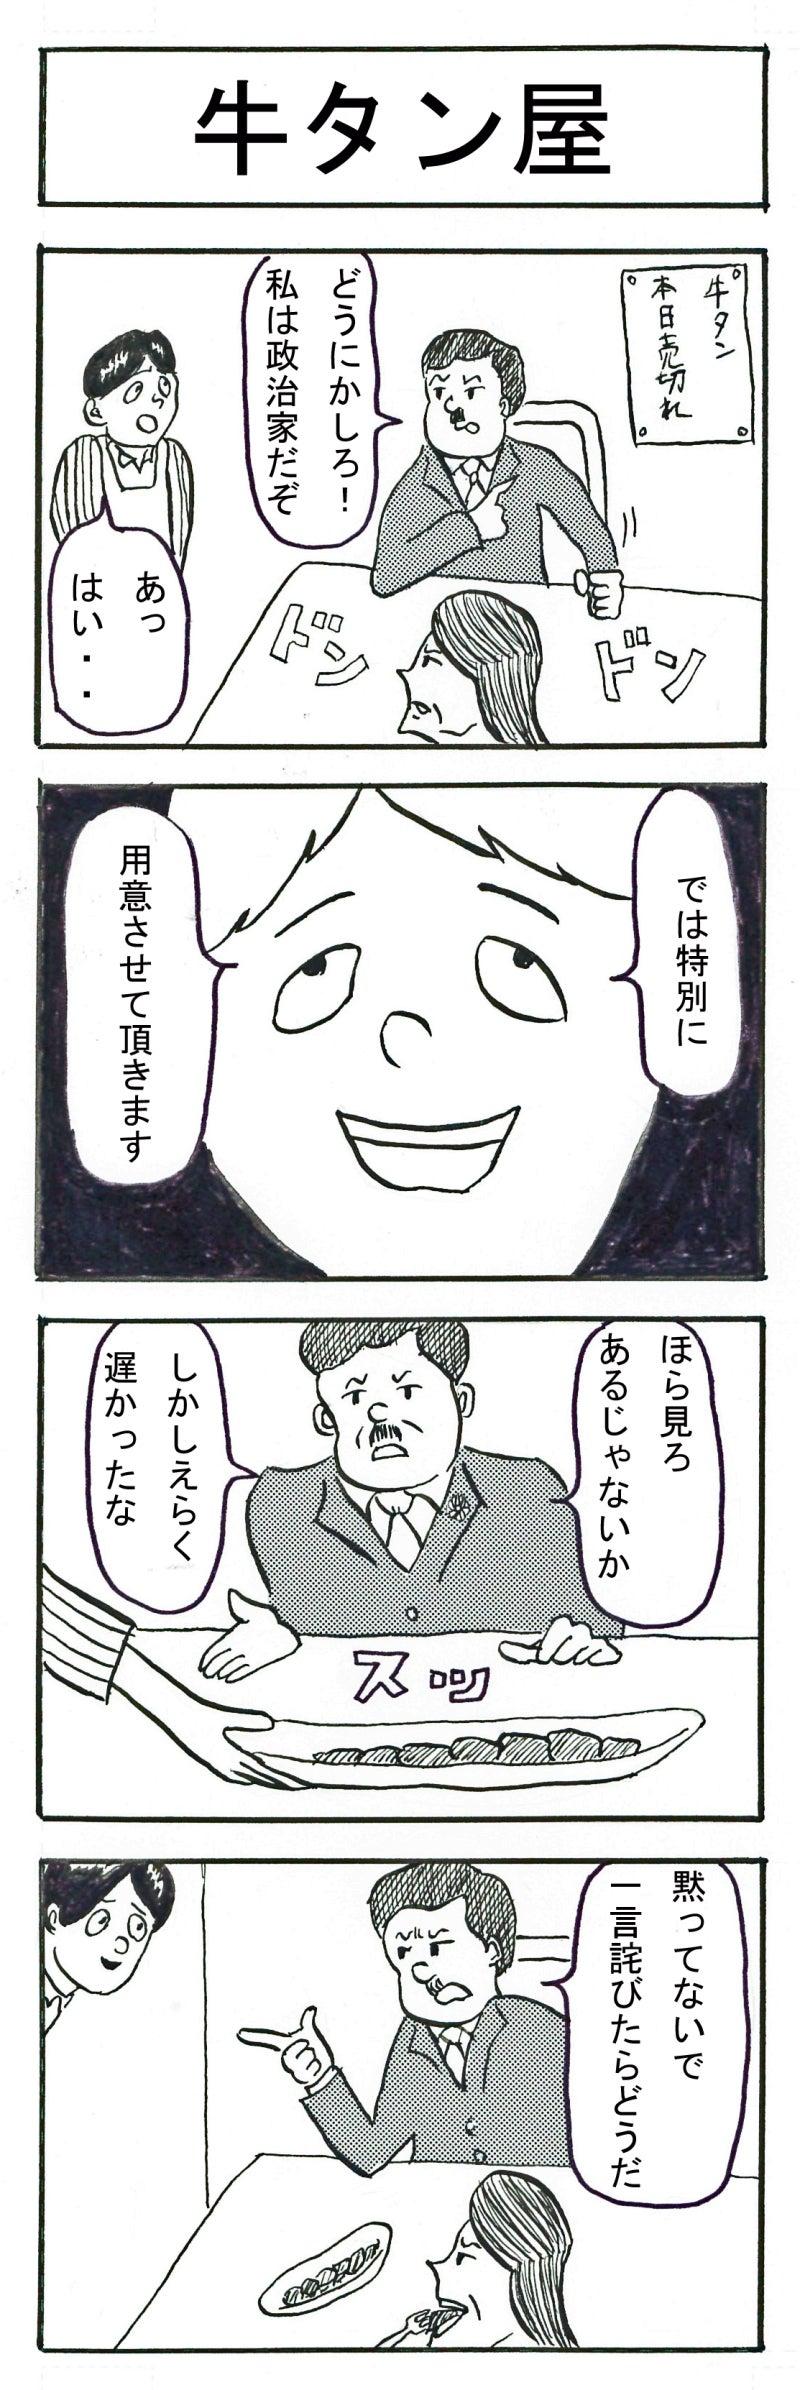 【100+件】四コマ おすすめの画像【2020 ...